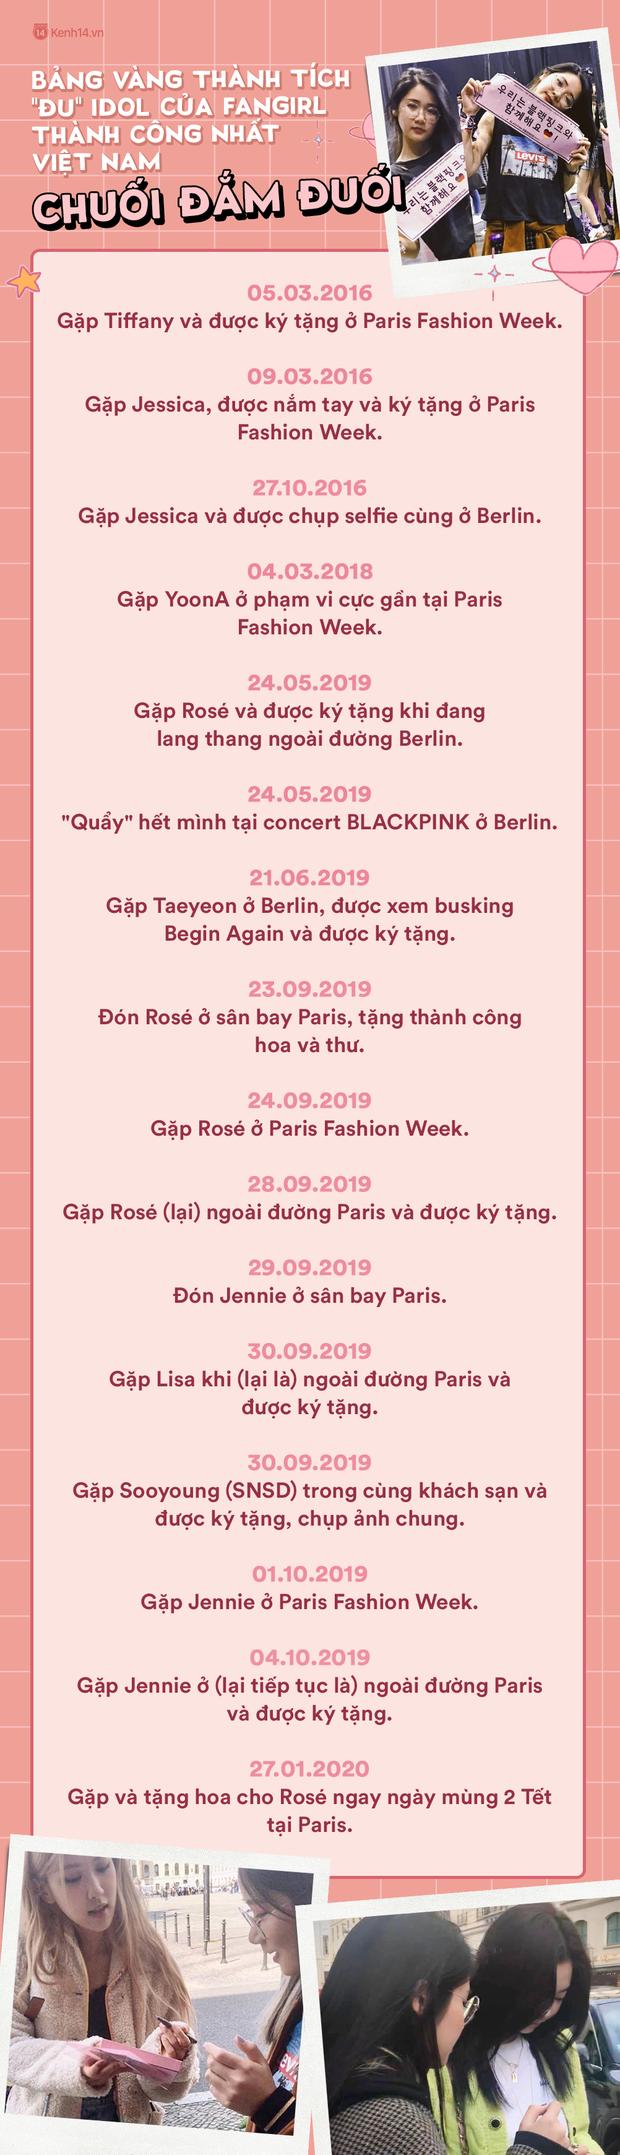 Gặp Rosé 5 lần, Lisa, Jennie hay Jessica, Sooyoung (SNSD) đều đã tay bắt mặt mừng: đọc ngay nhật ký fangirl số 1 Việt Nam để hưởng ké chút may mắn nào! - Ảnh 24.